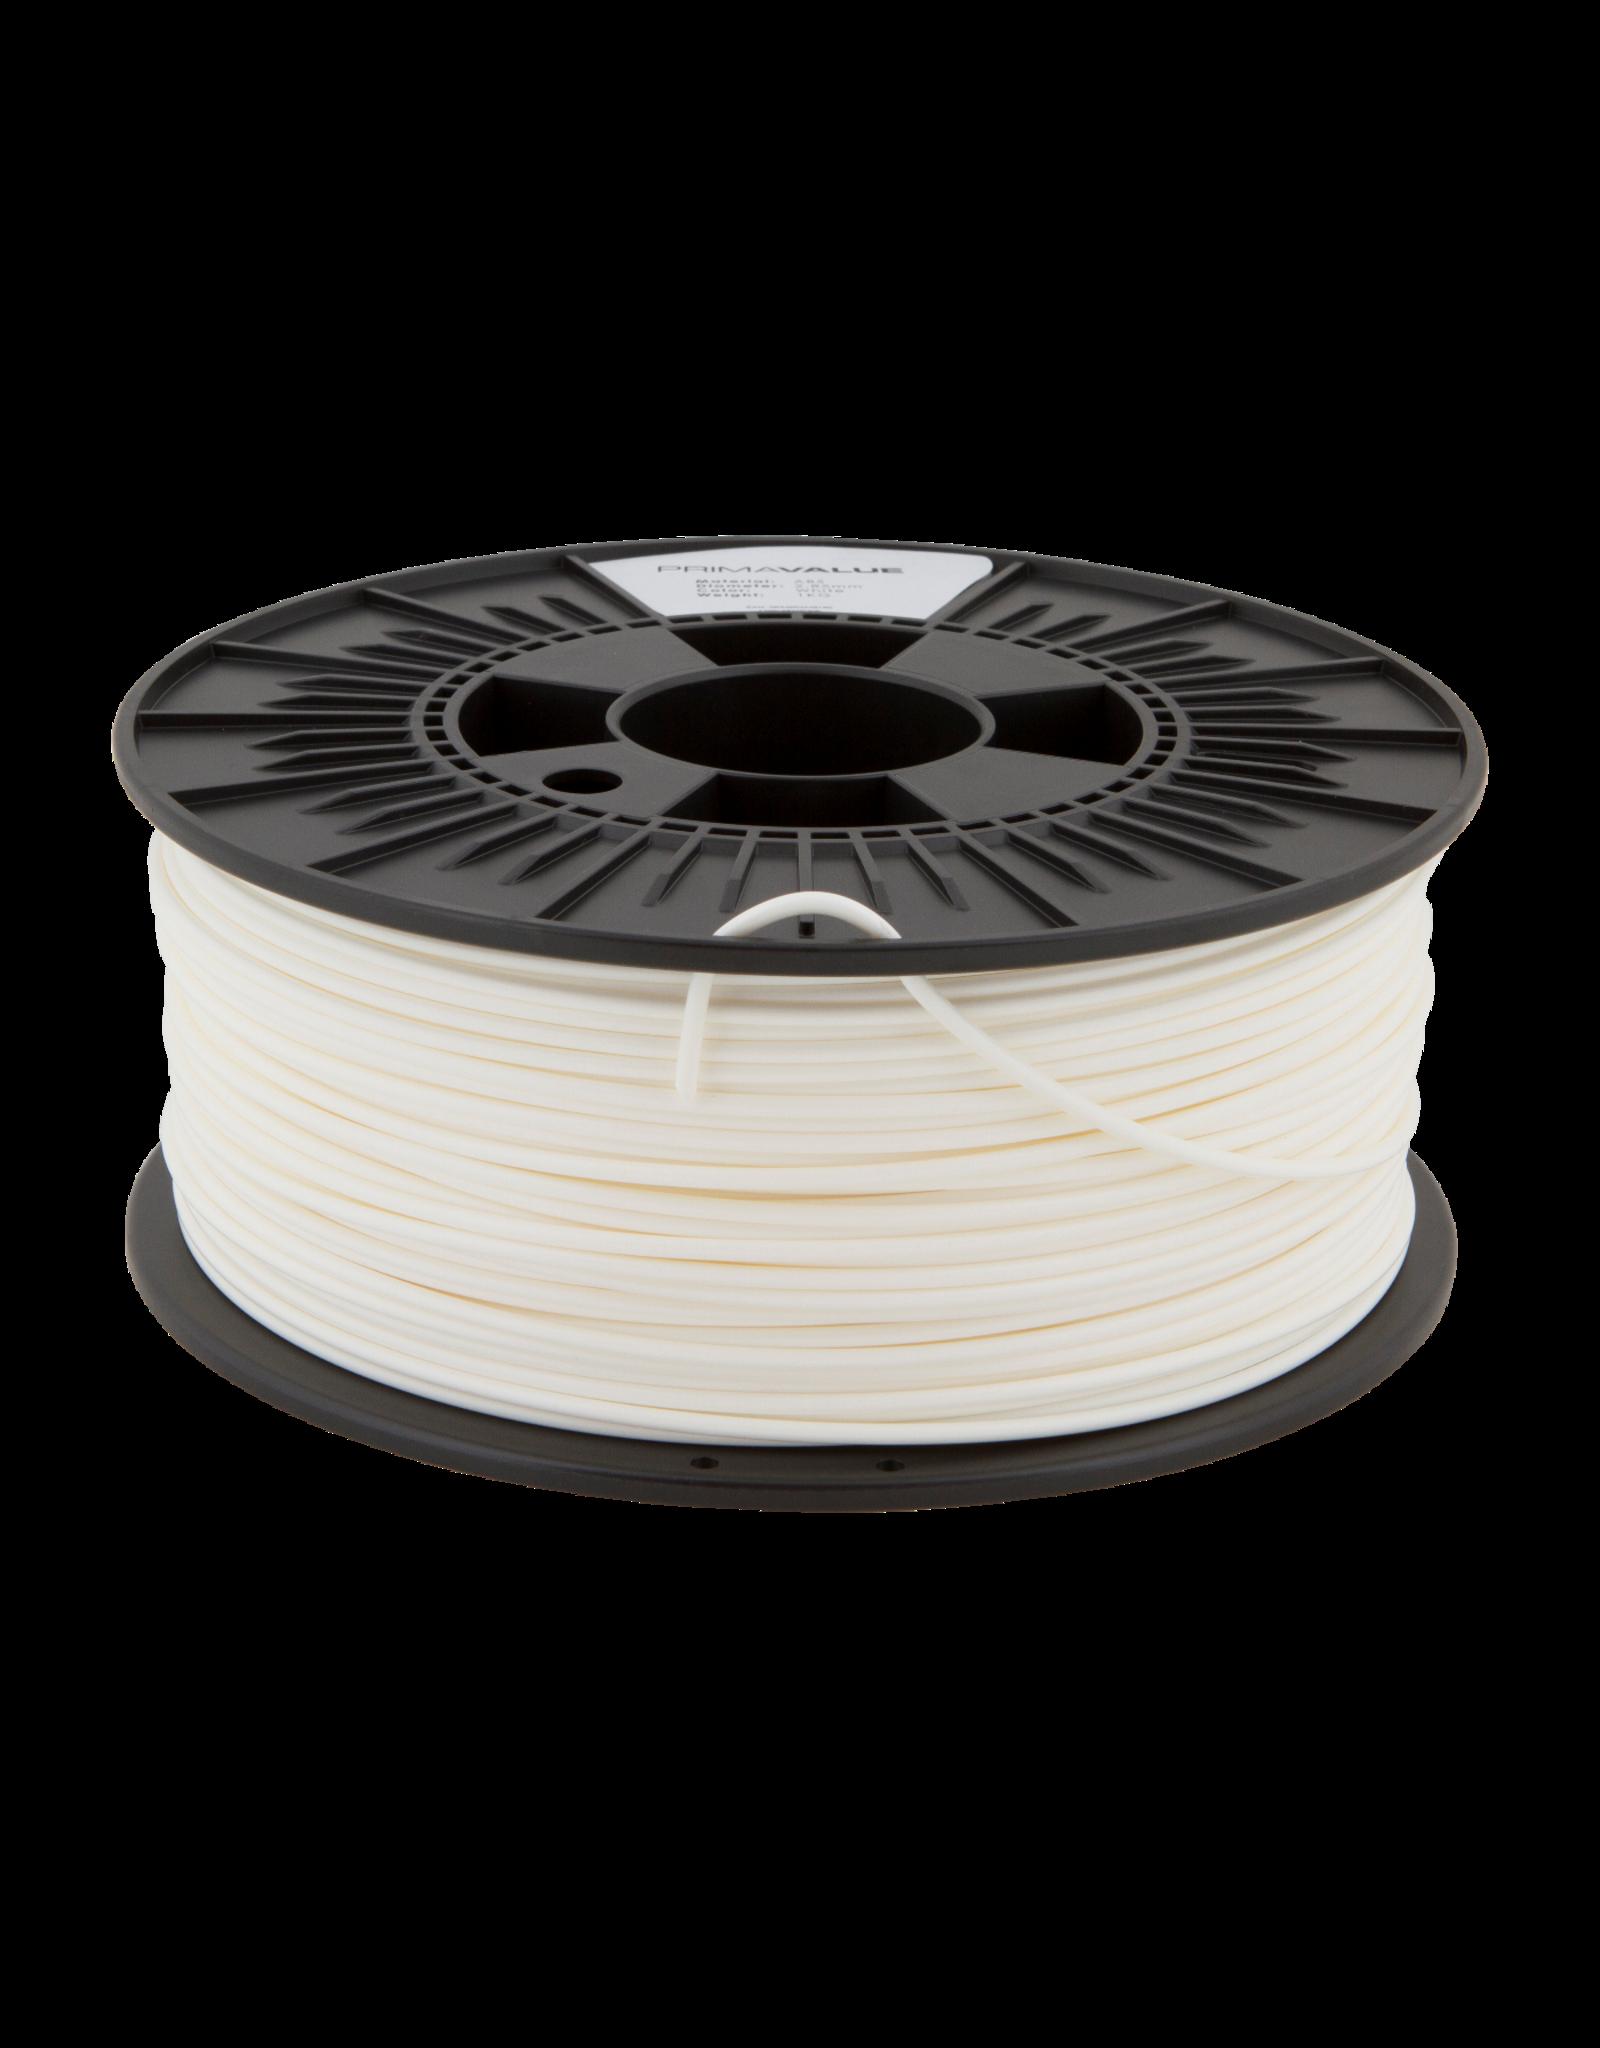 Prima PrimaValue ABS Filament -2.85mm - 1 kg - White